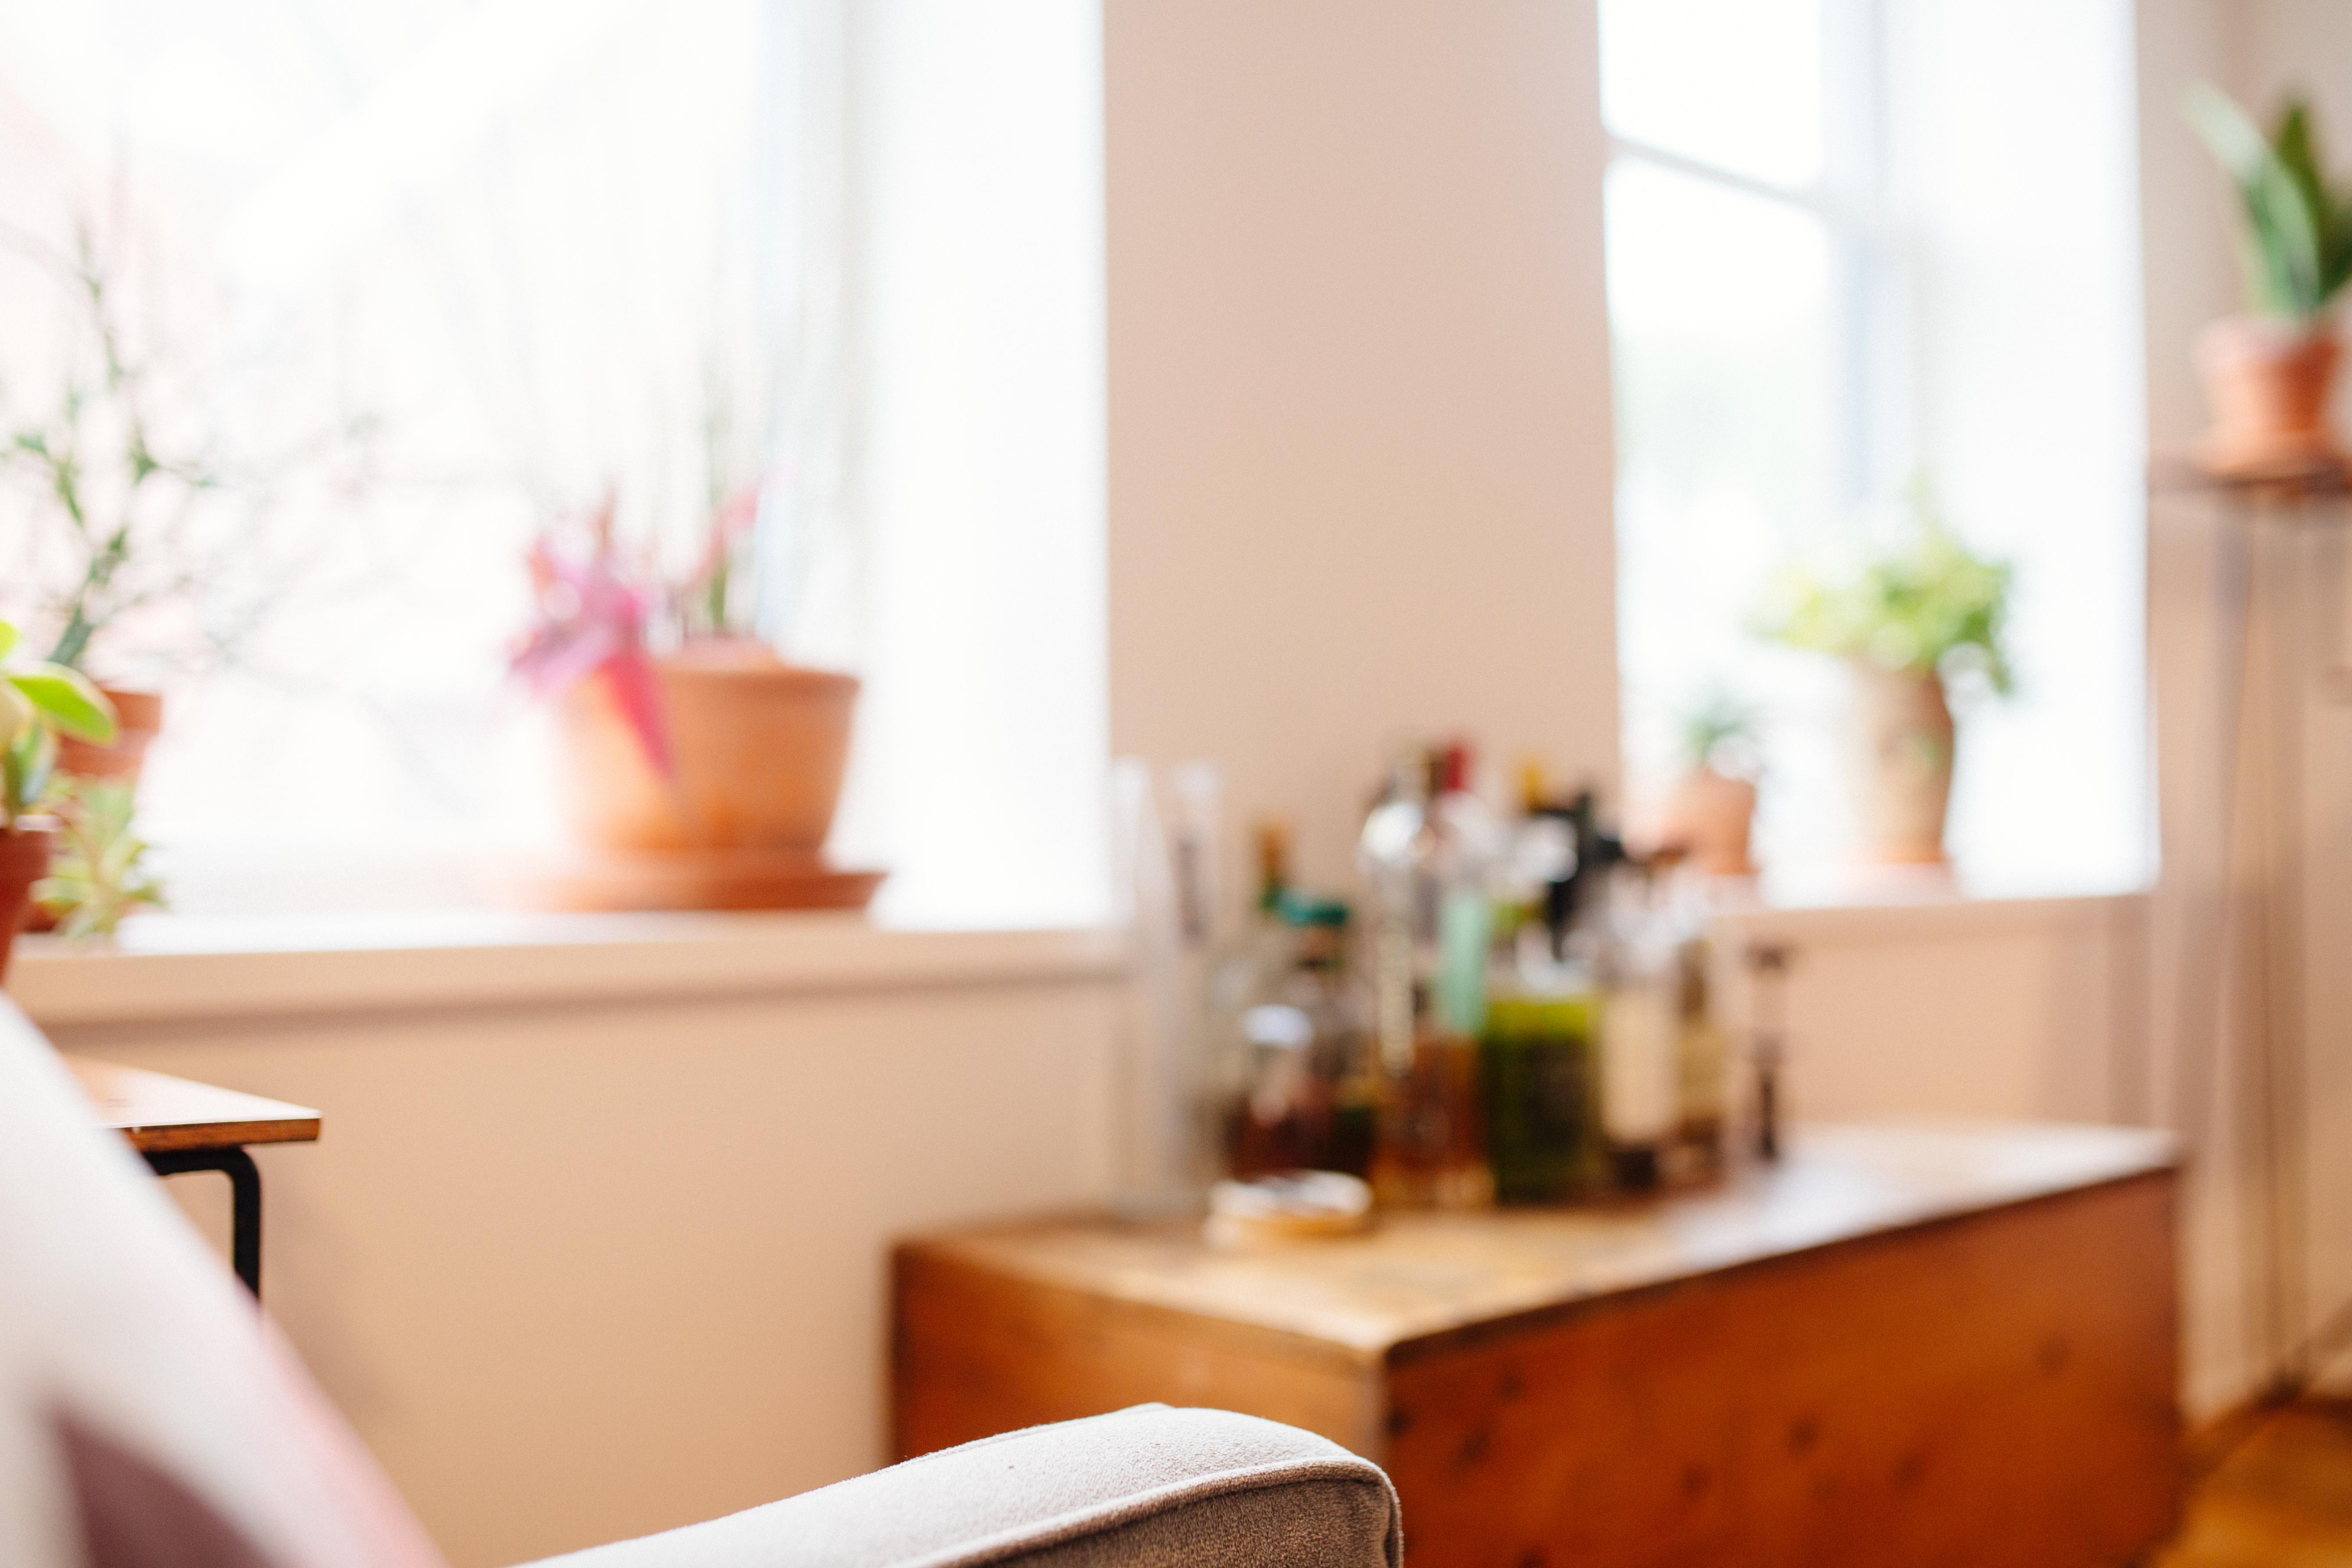 Mietwohnung als Geldanlage ist auch in Zeiten des Immobilienbooms und der Niedrigzinspolitik möglich.